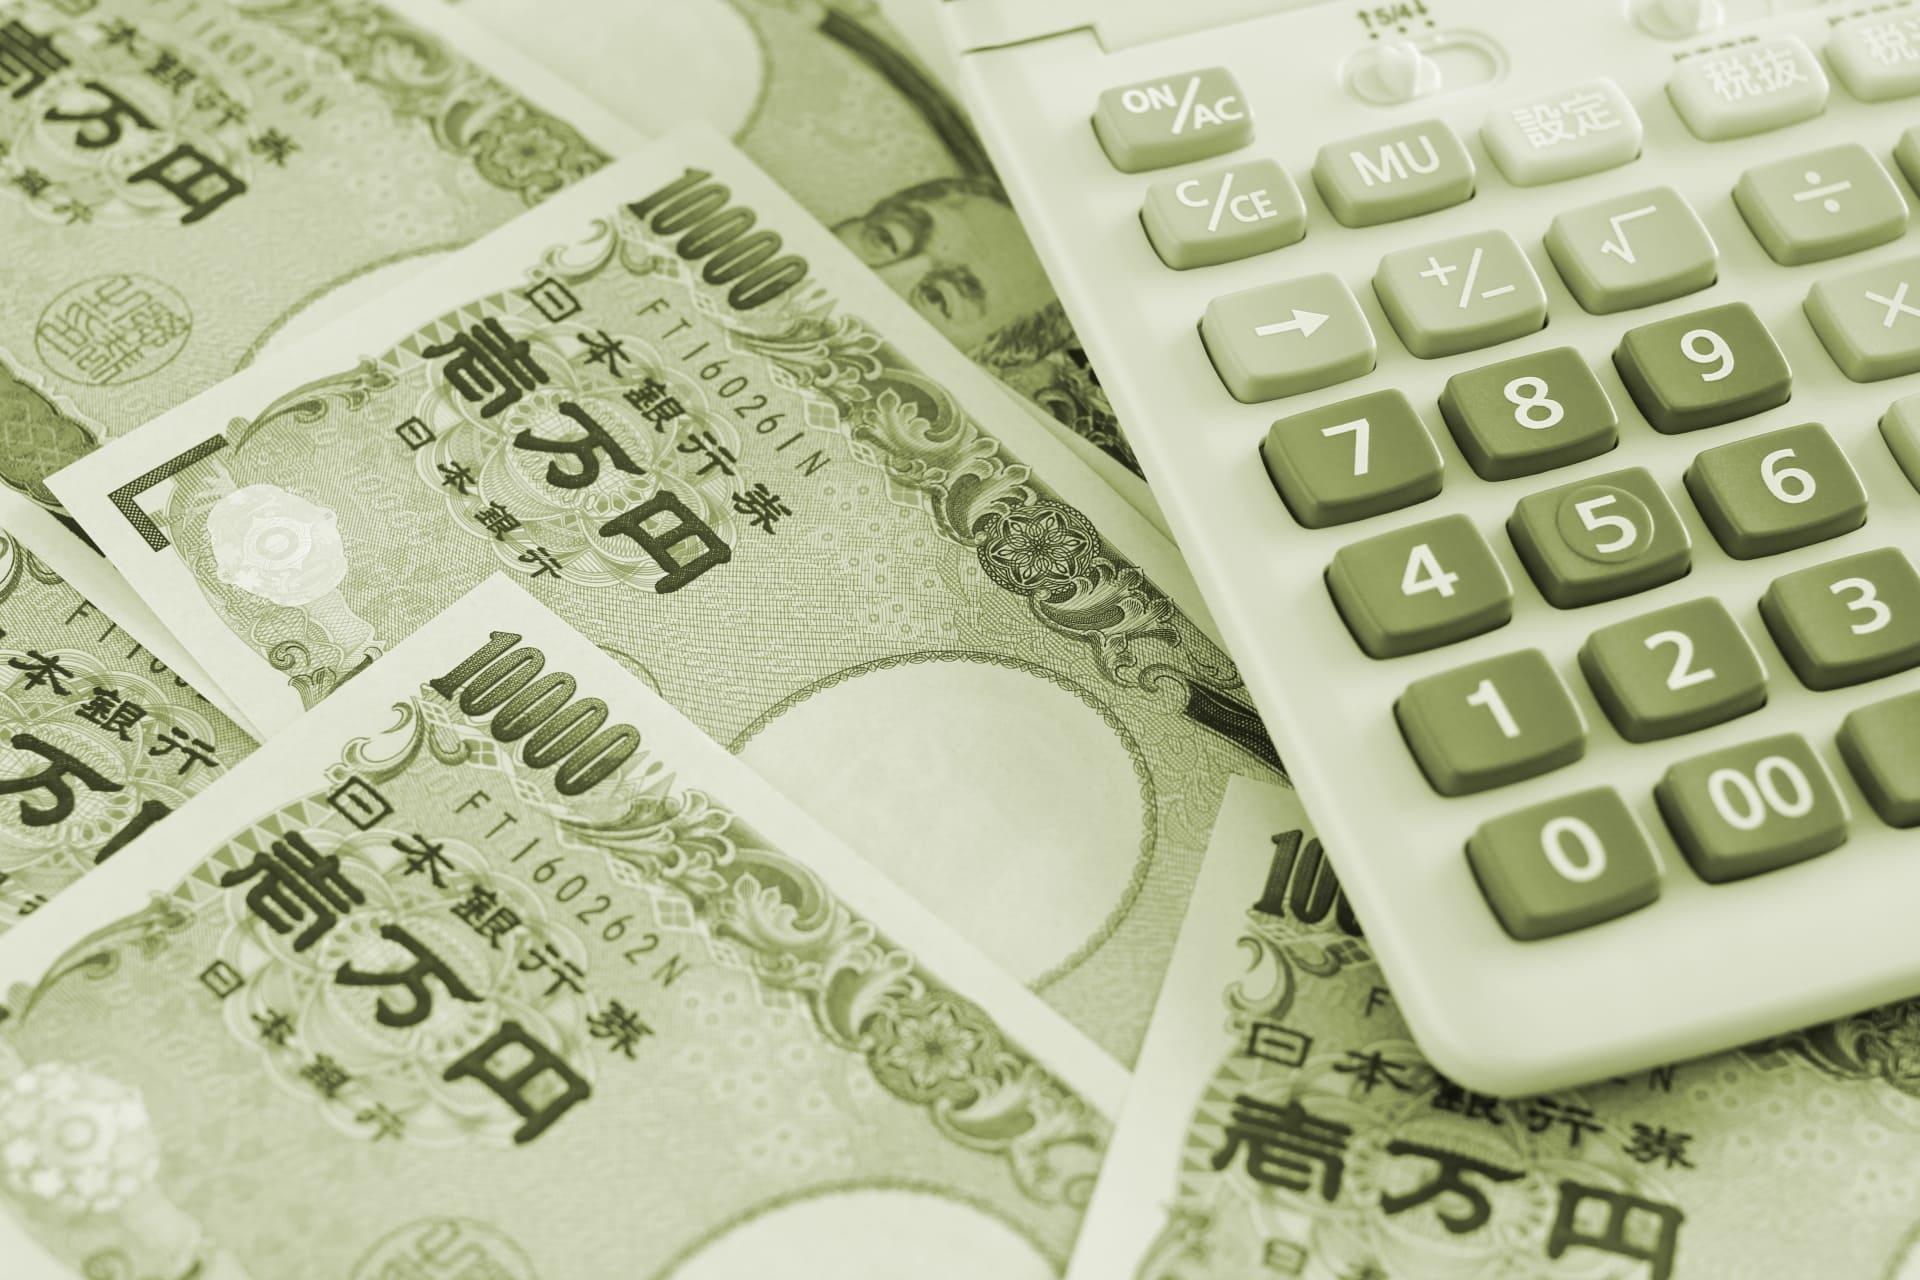 無担保融資によって得るお金